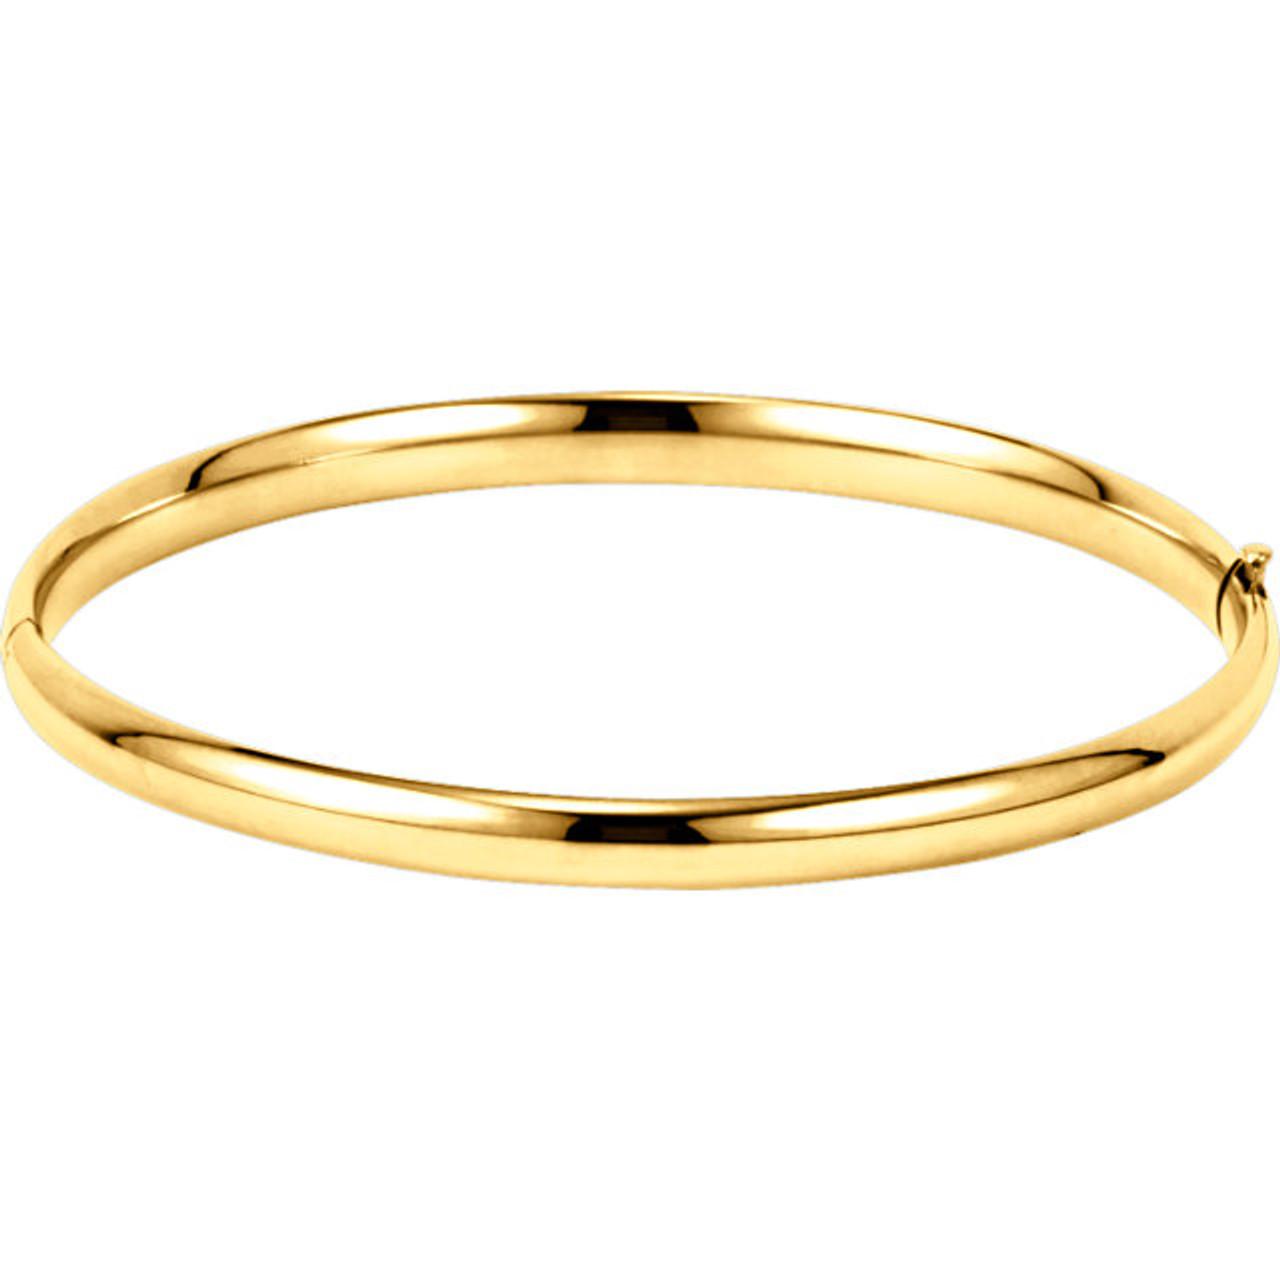 7433ce09092 14kt Gold 4.75mm Plain Hollow Hinged Bangle Bracelet - Wedding Bands ...